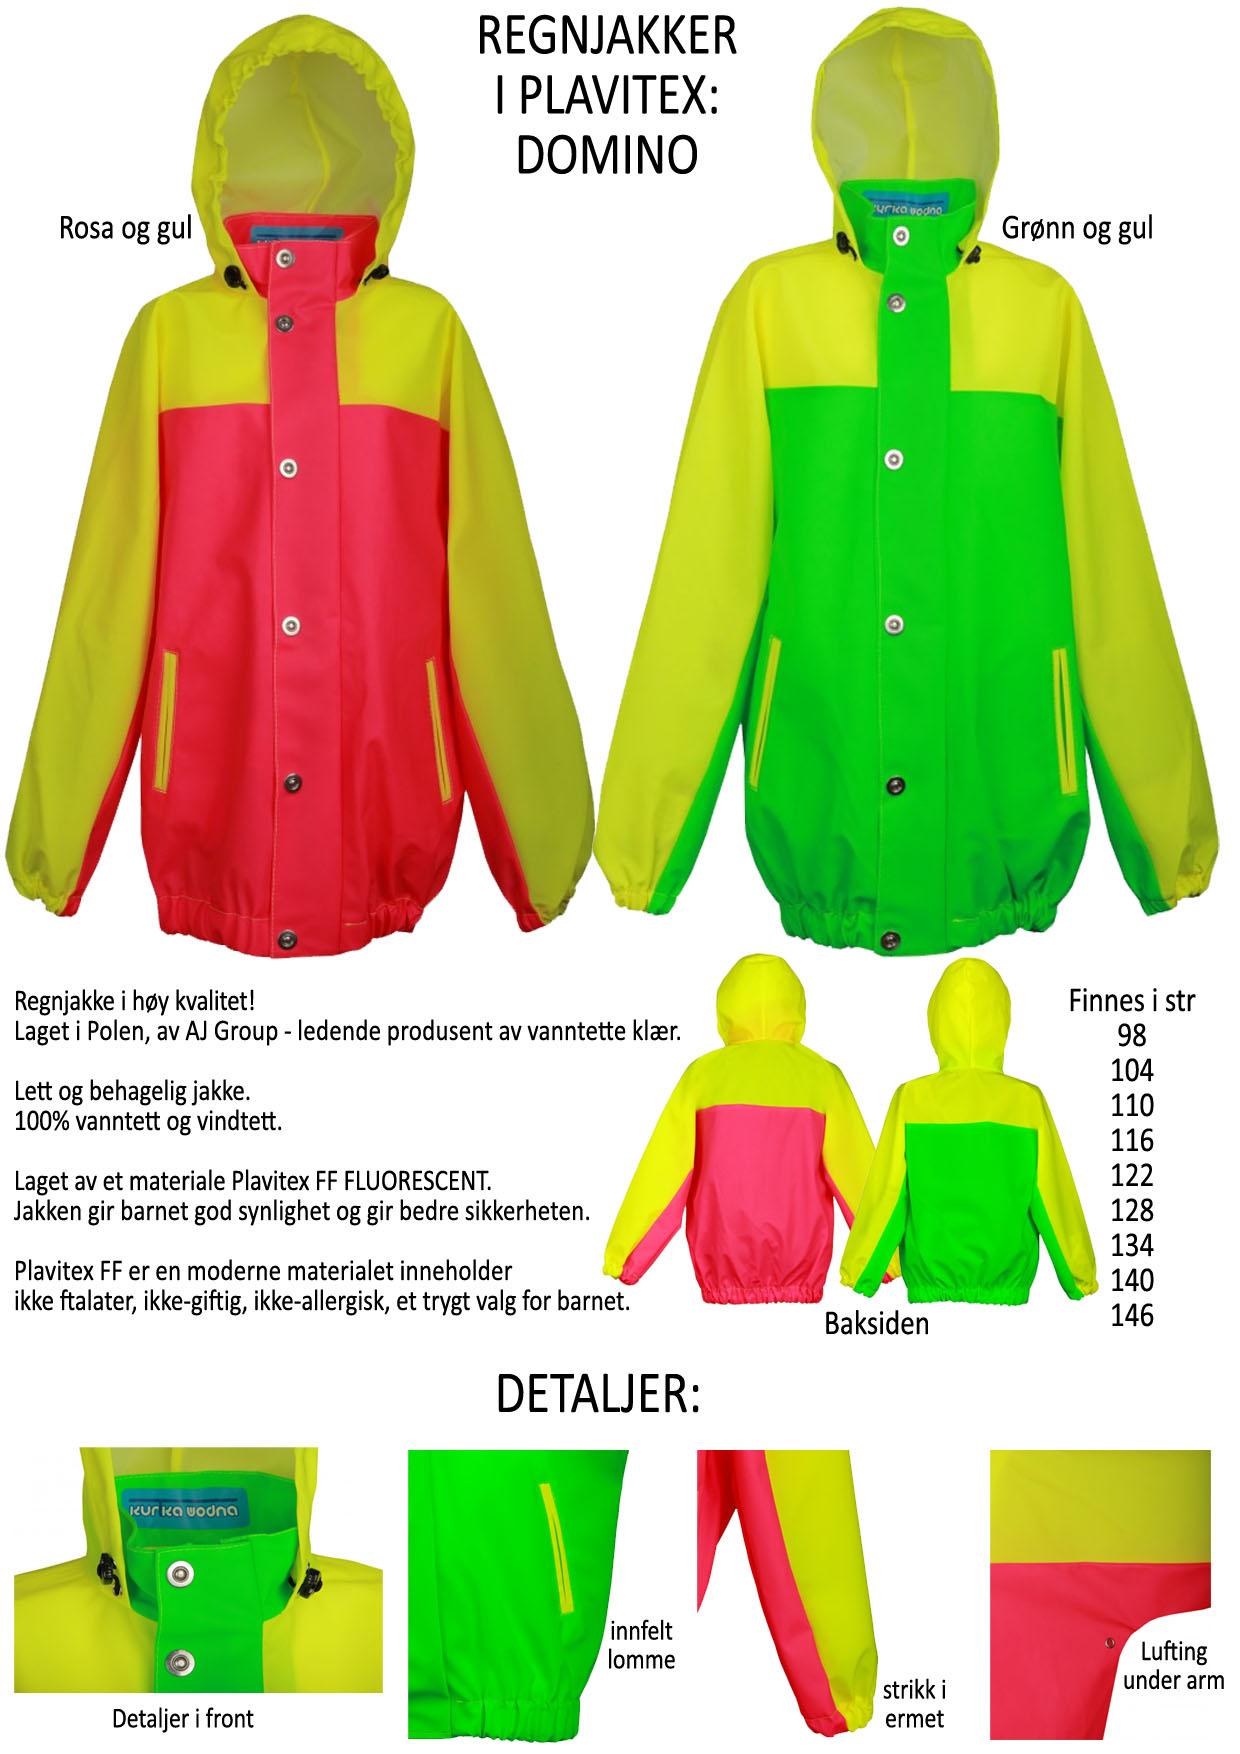 0a77ce99 Domino Fluo - regnjakker til barn, jakker i fuoriserende materiele - god  synlighet